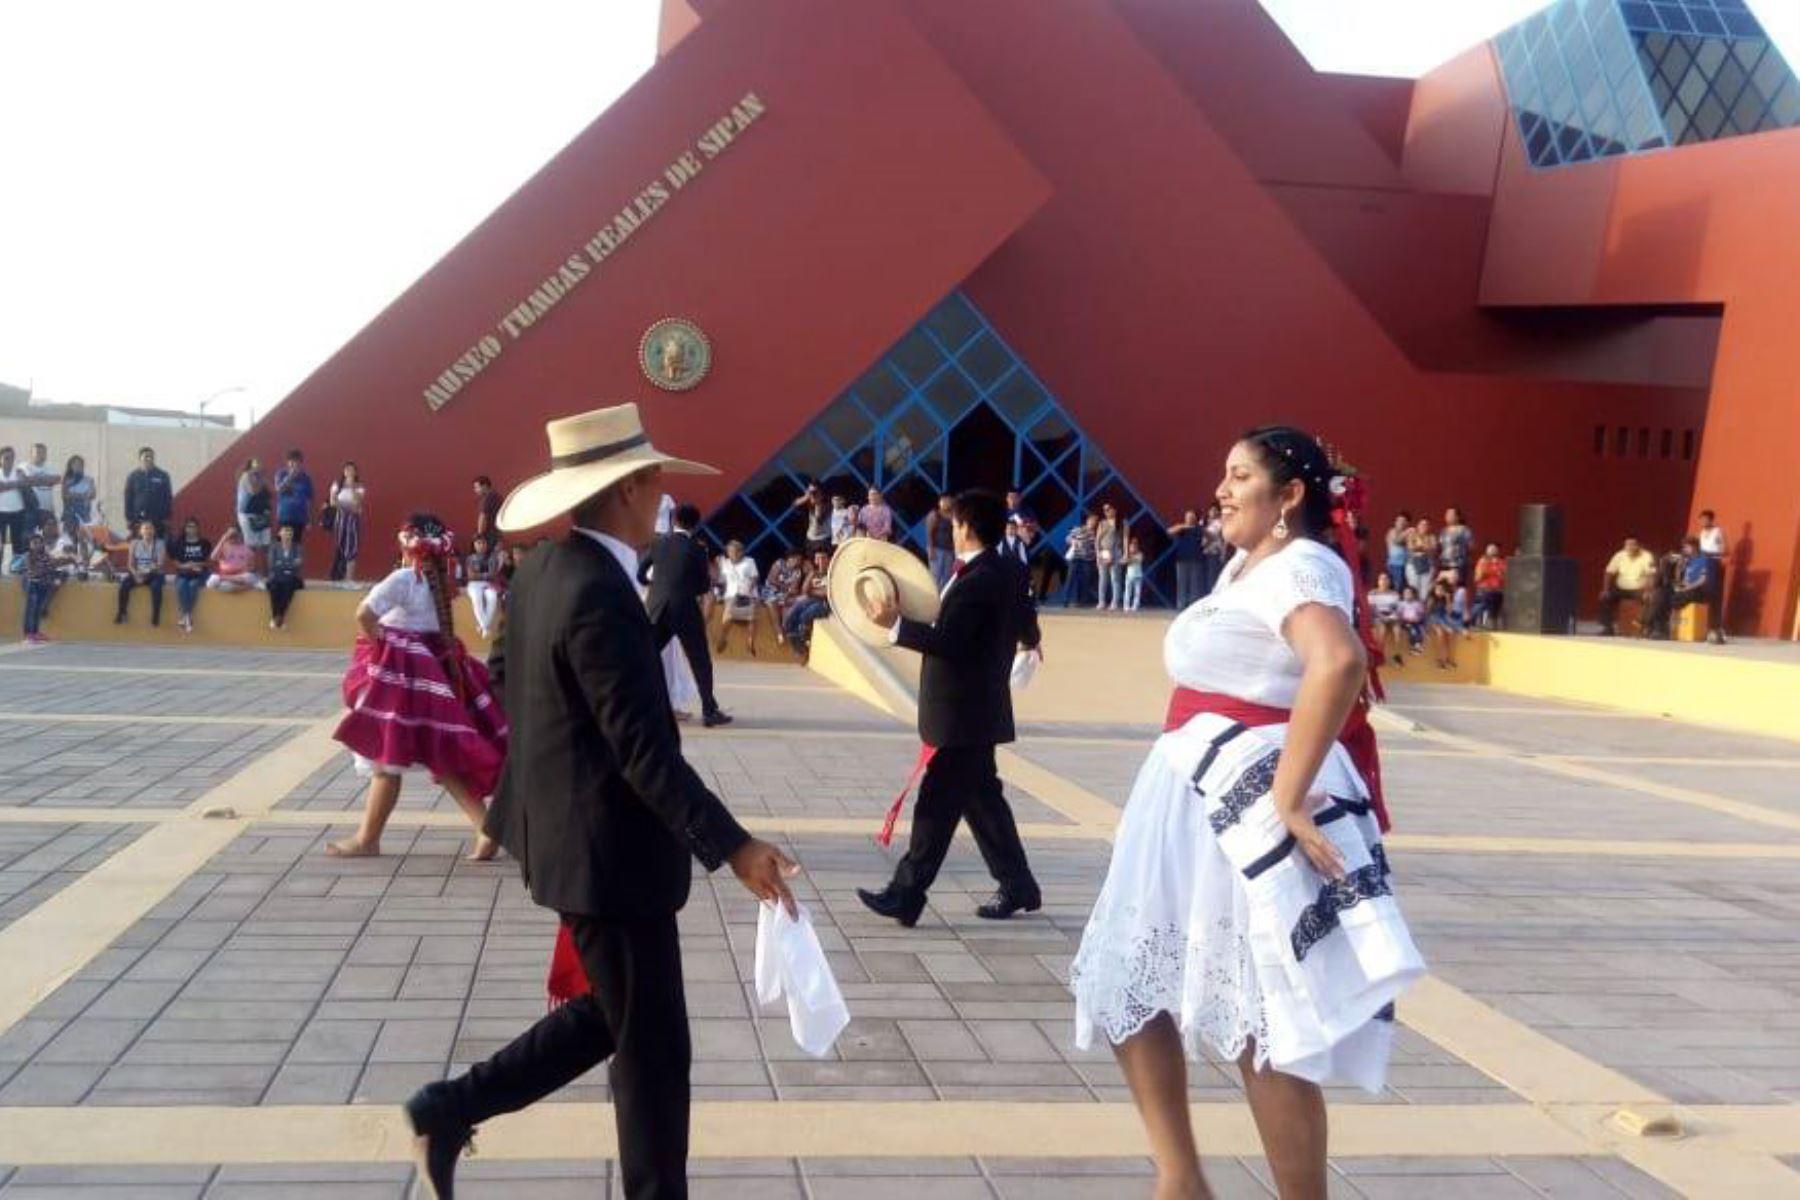 El Museo Tumbas Reales de Sipán, ubicado en la región Lambayeque, es símbolo de identidad y cultura. Foto: ANDINA/Difusión